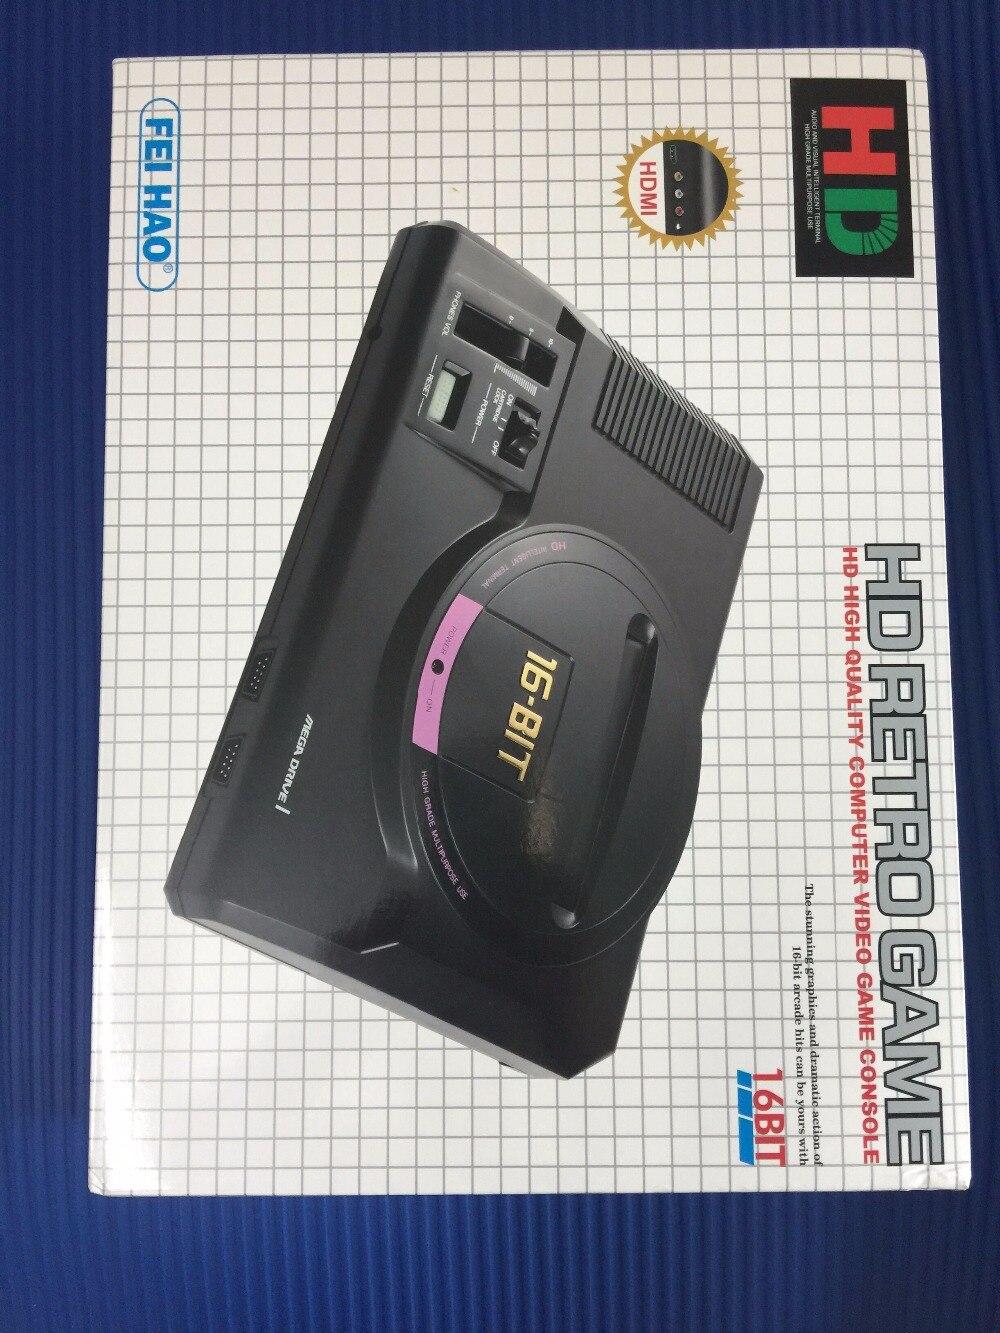 Portable Spielkonsolen Beliebte Marke Hdmi 16 Bit Video Spielkonsole Sega Mega Drive 1 Genesis High Definition Hdmi Tv Out Mit 2,4g Wireless Controlle Patrone Reich Und PräChtig Unterhaltungselektronik